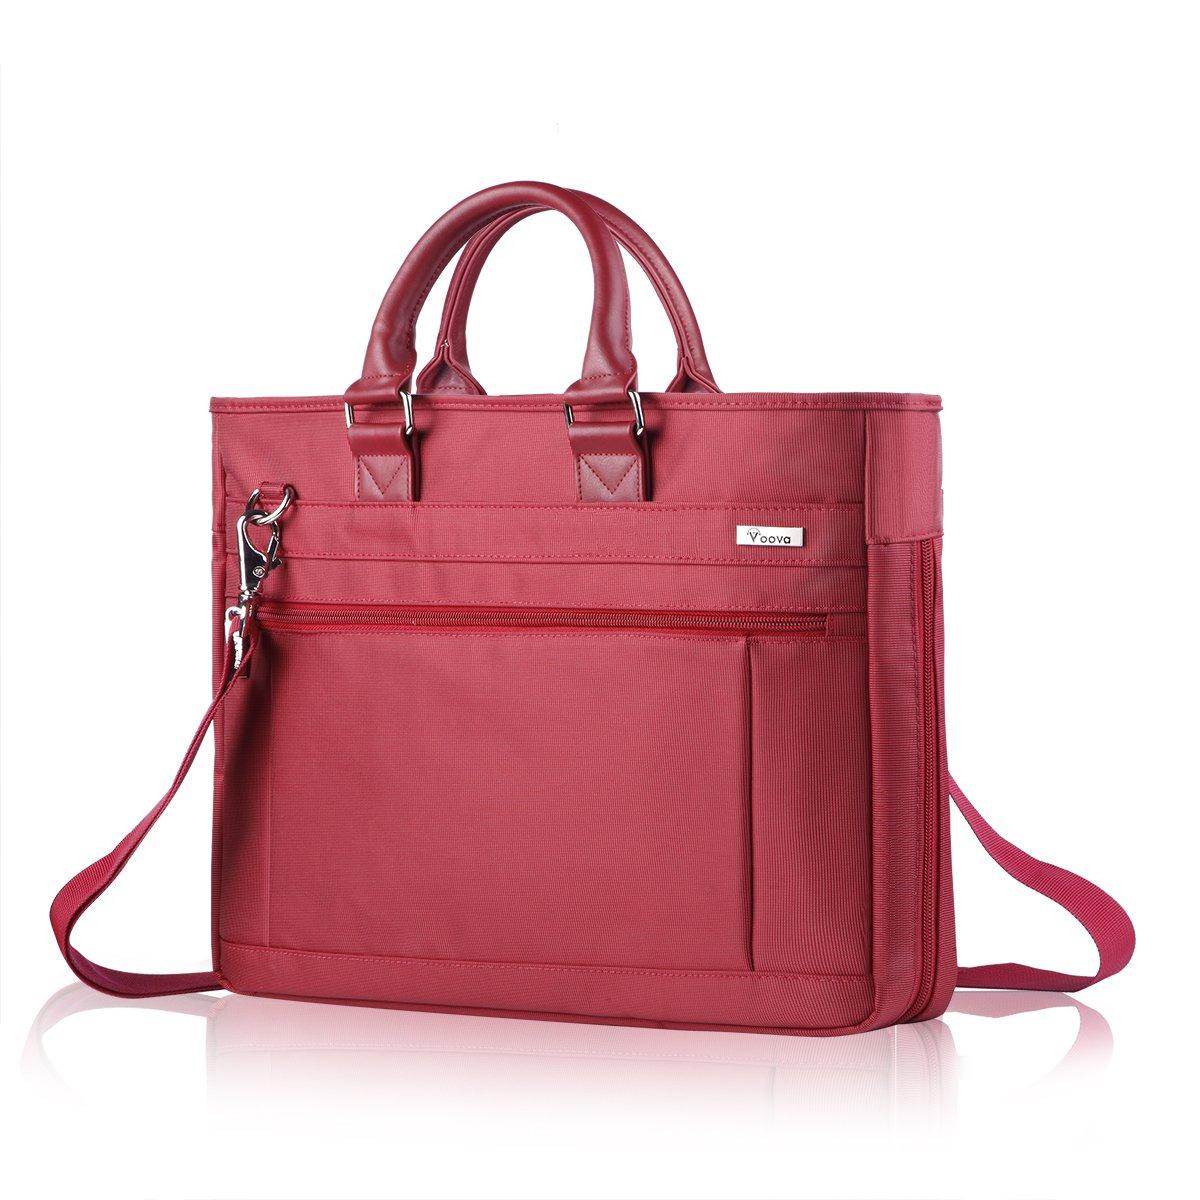 V-Voova-Laptop-Bag-13-15-156-Inch-Waterproof-Laptop-Case-Sleeve-Shoulder-Bag-with-Carry-Handle